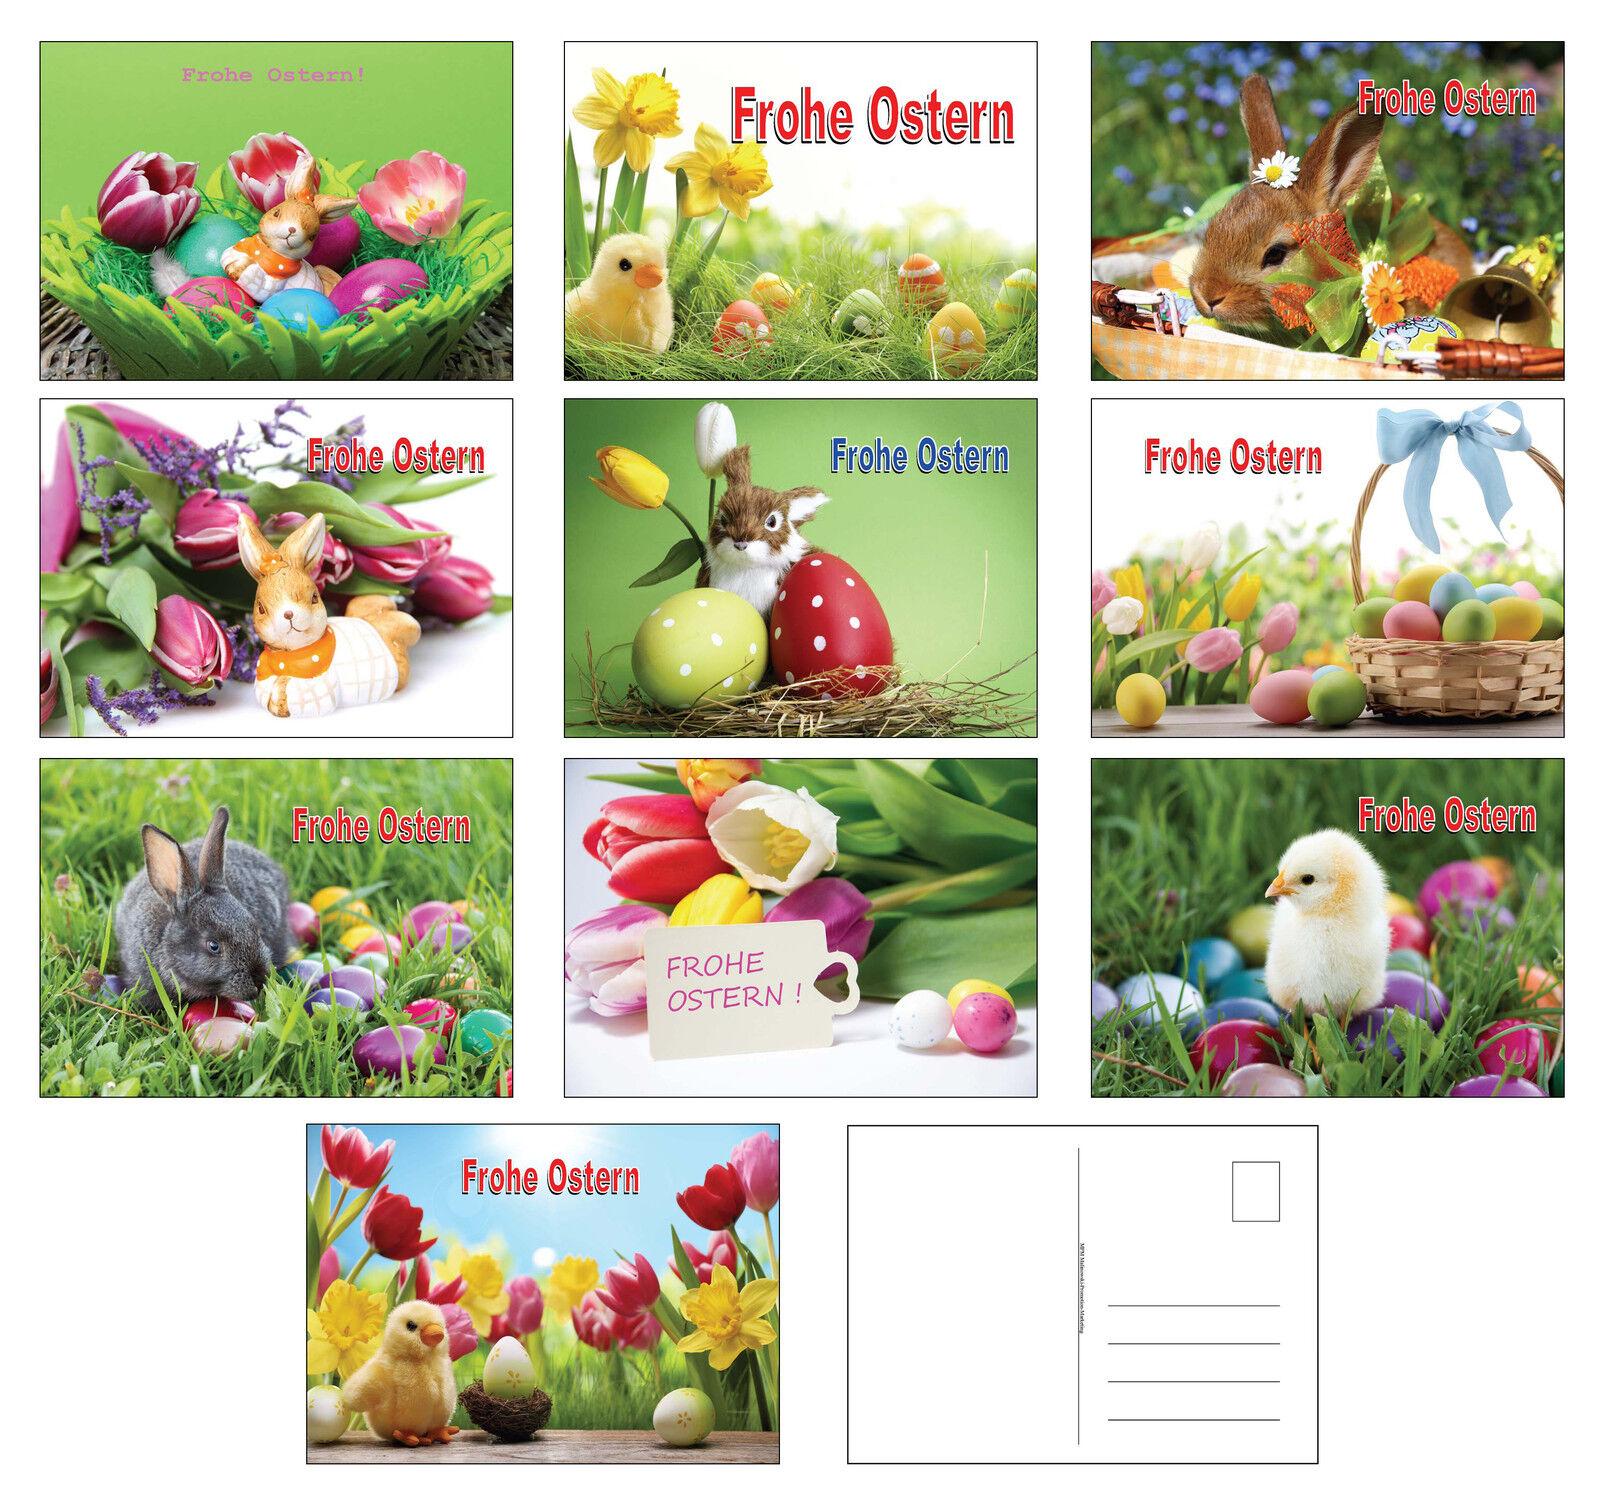 100 500 1000 Postkarten Ansichtskarten Preisausschreiben Rätsel Gewinnspiele  Os   | Produktqualität  | Exzellente Verarbeitung